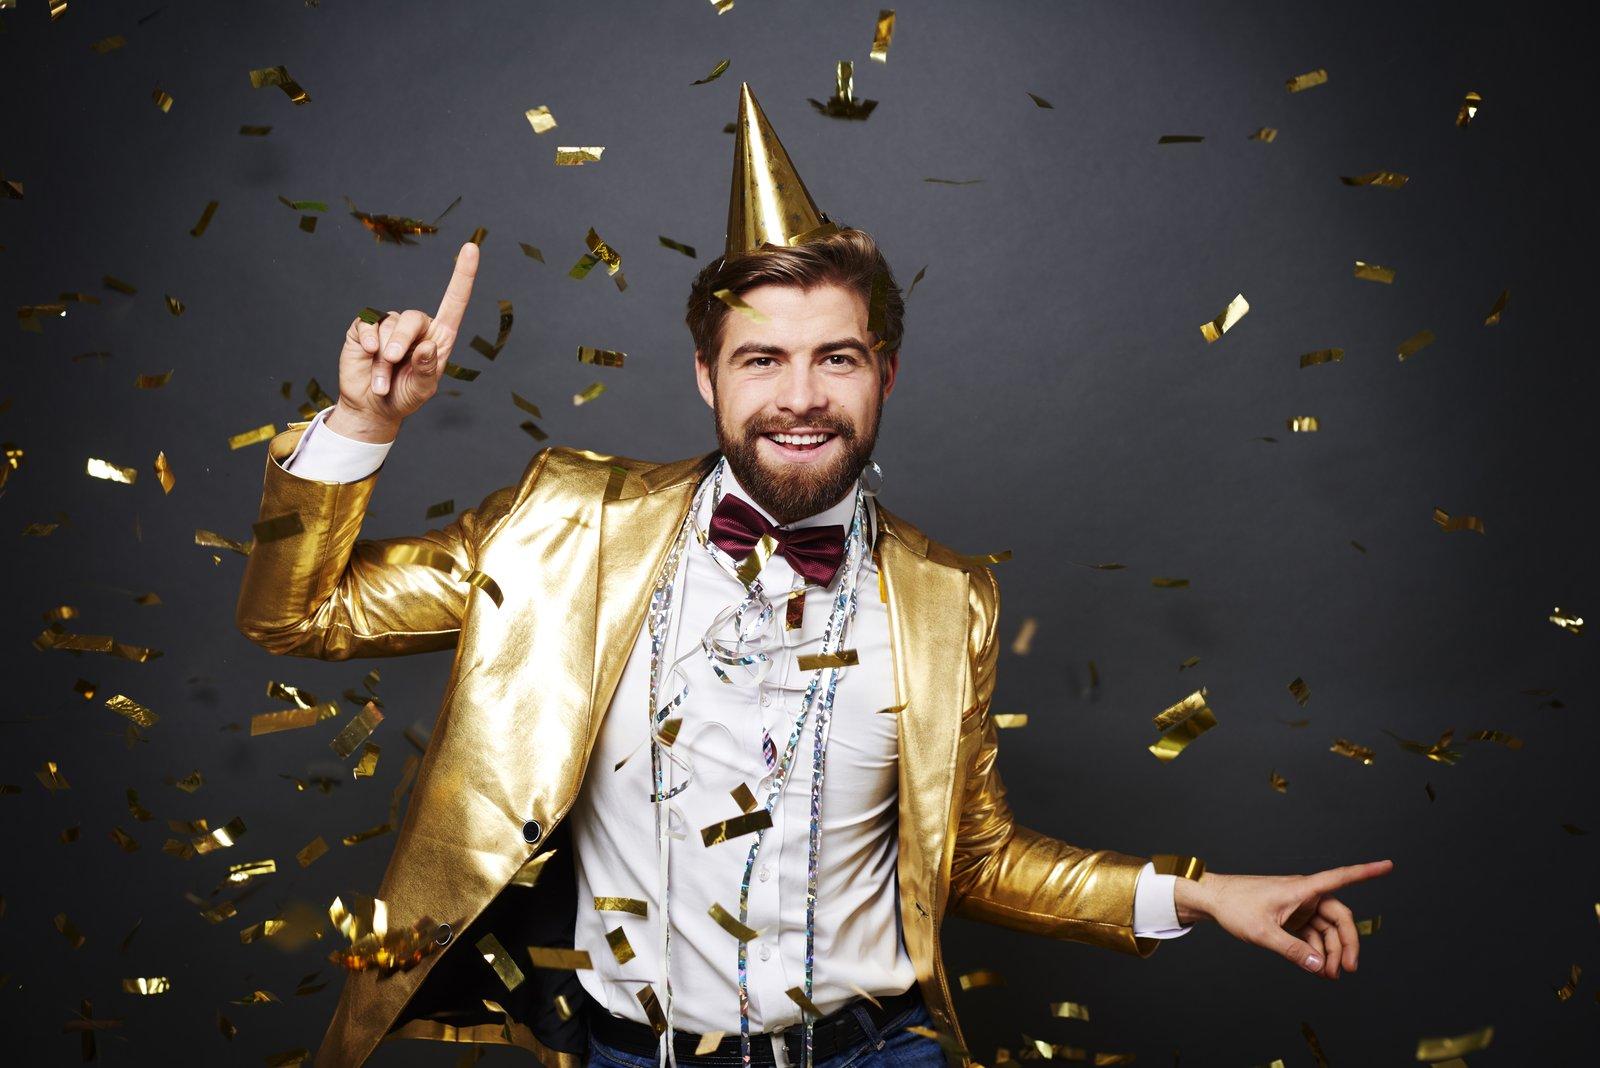 Jak mężczyzna powinien się ubrać na sylwestra 2018/19?